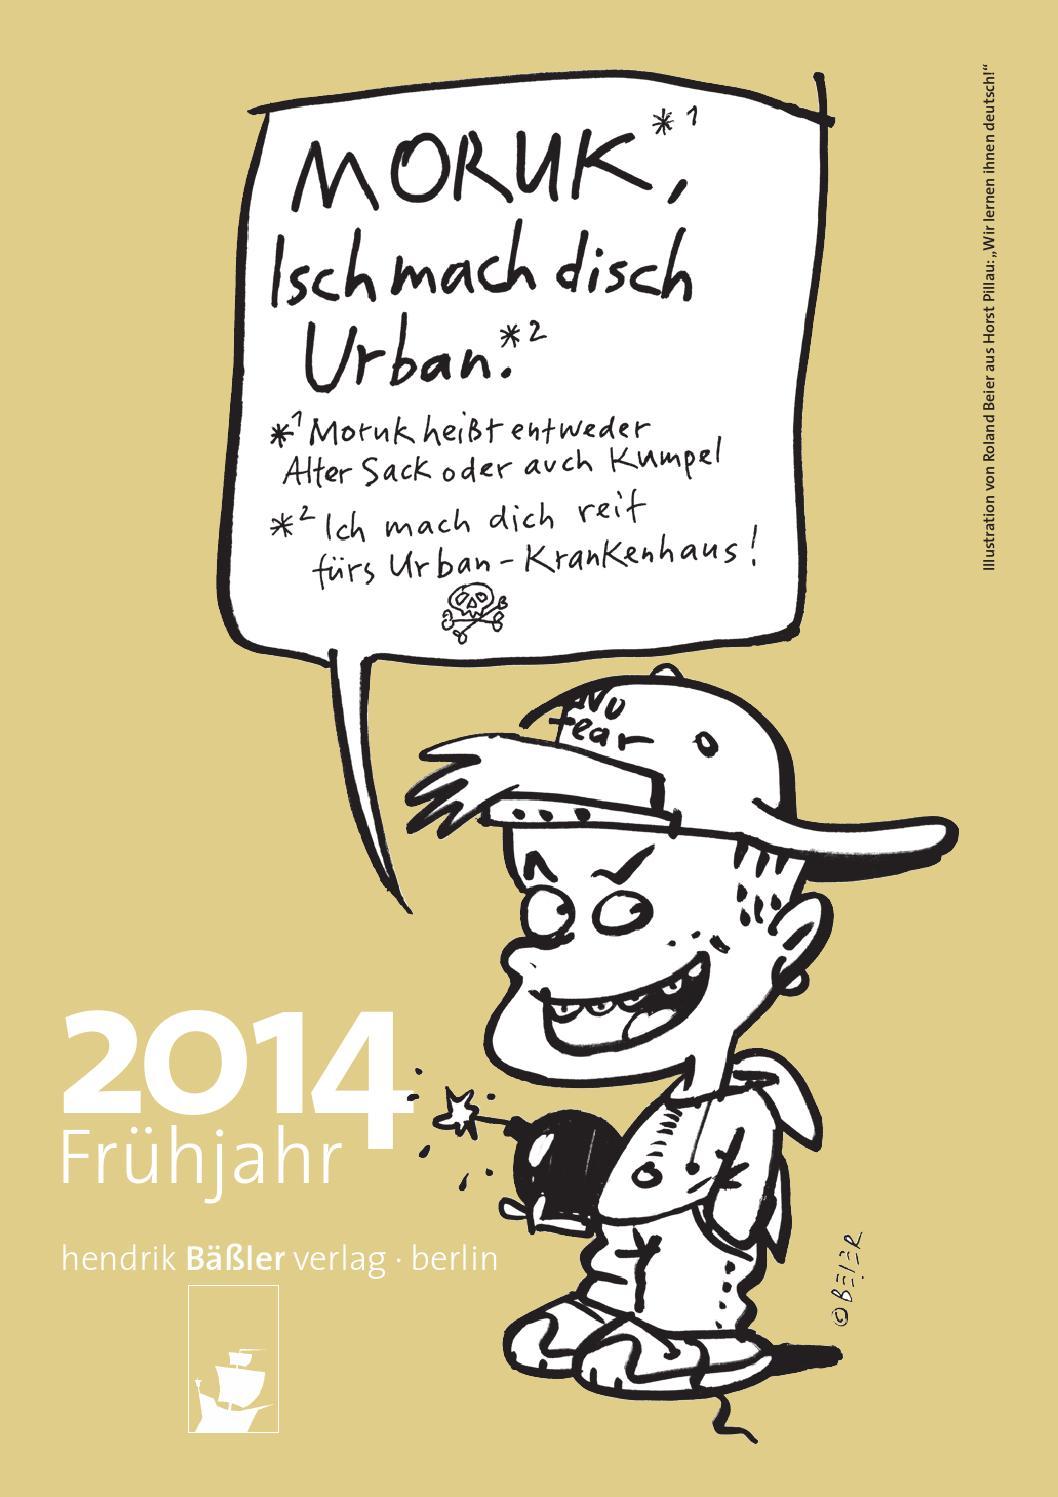 was heißt moruk auf deutsch